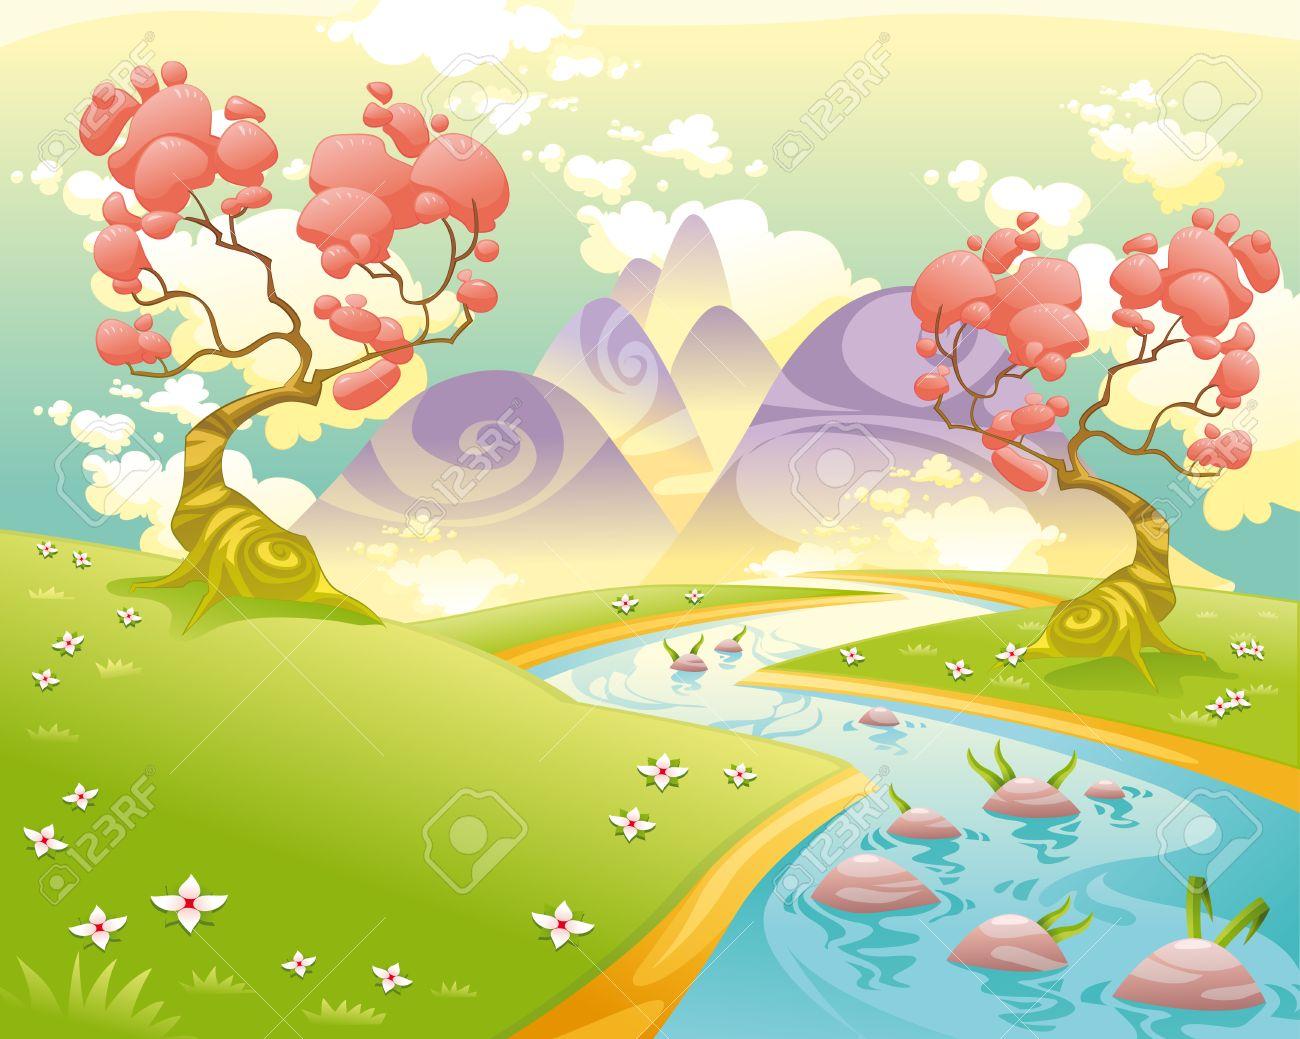 Paysage Mythologique Avec La Riviere Dessin Anime Et Illustration Vectorielle Clip Art Libres De Droits Vecteurs Et Illustration Image 27591633